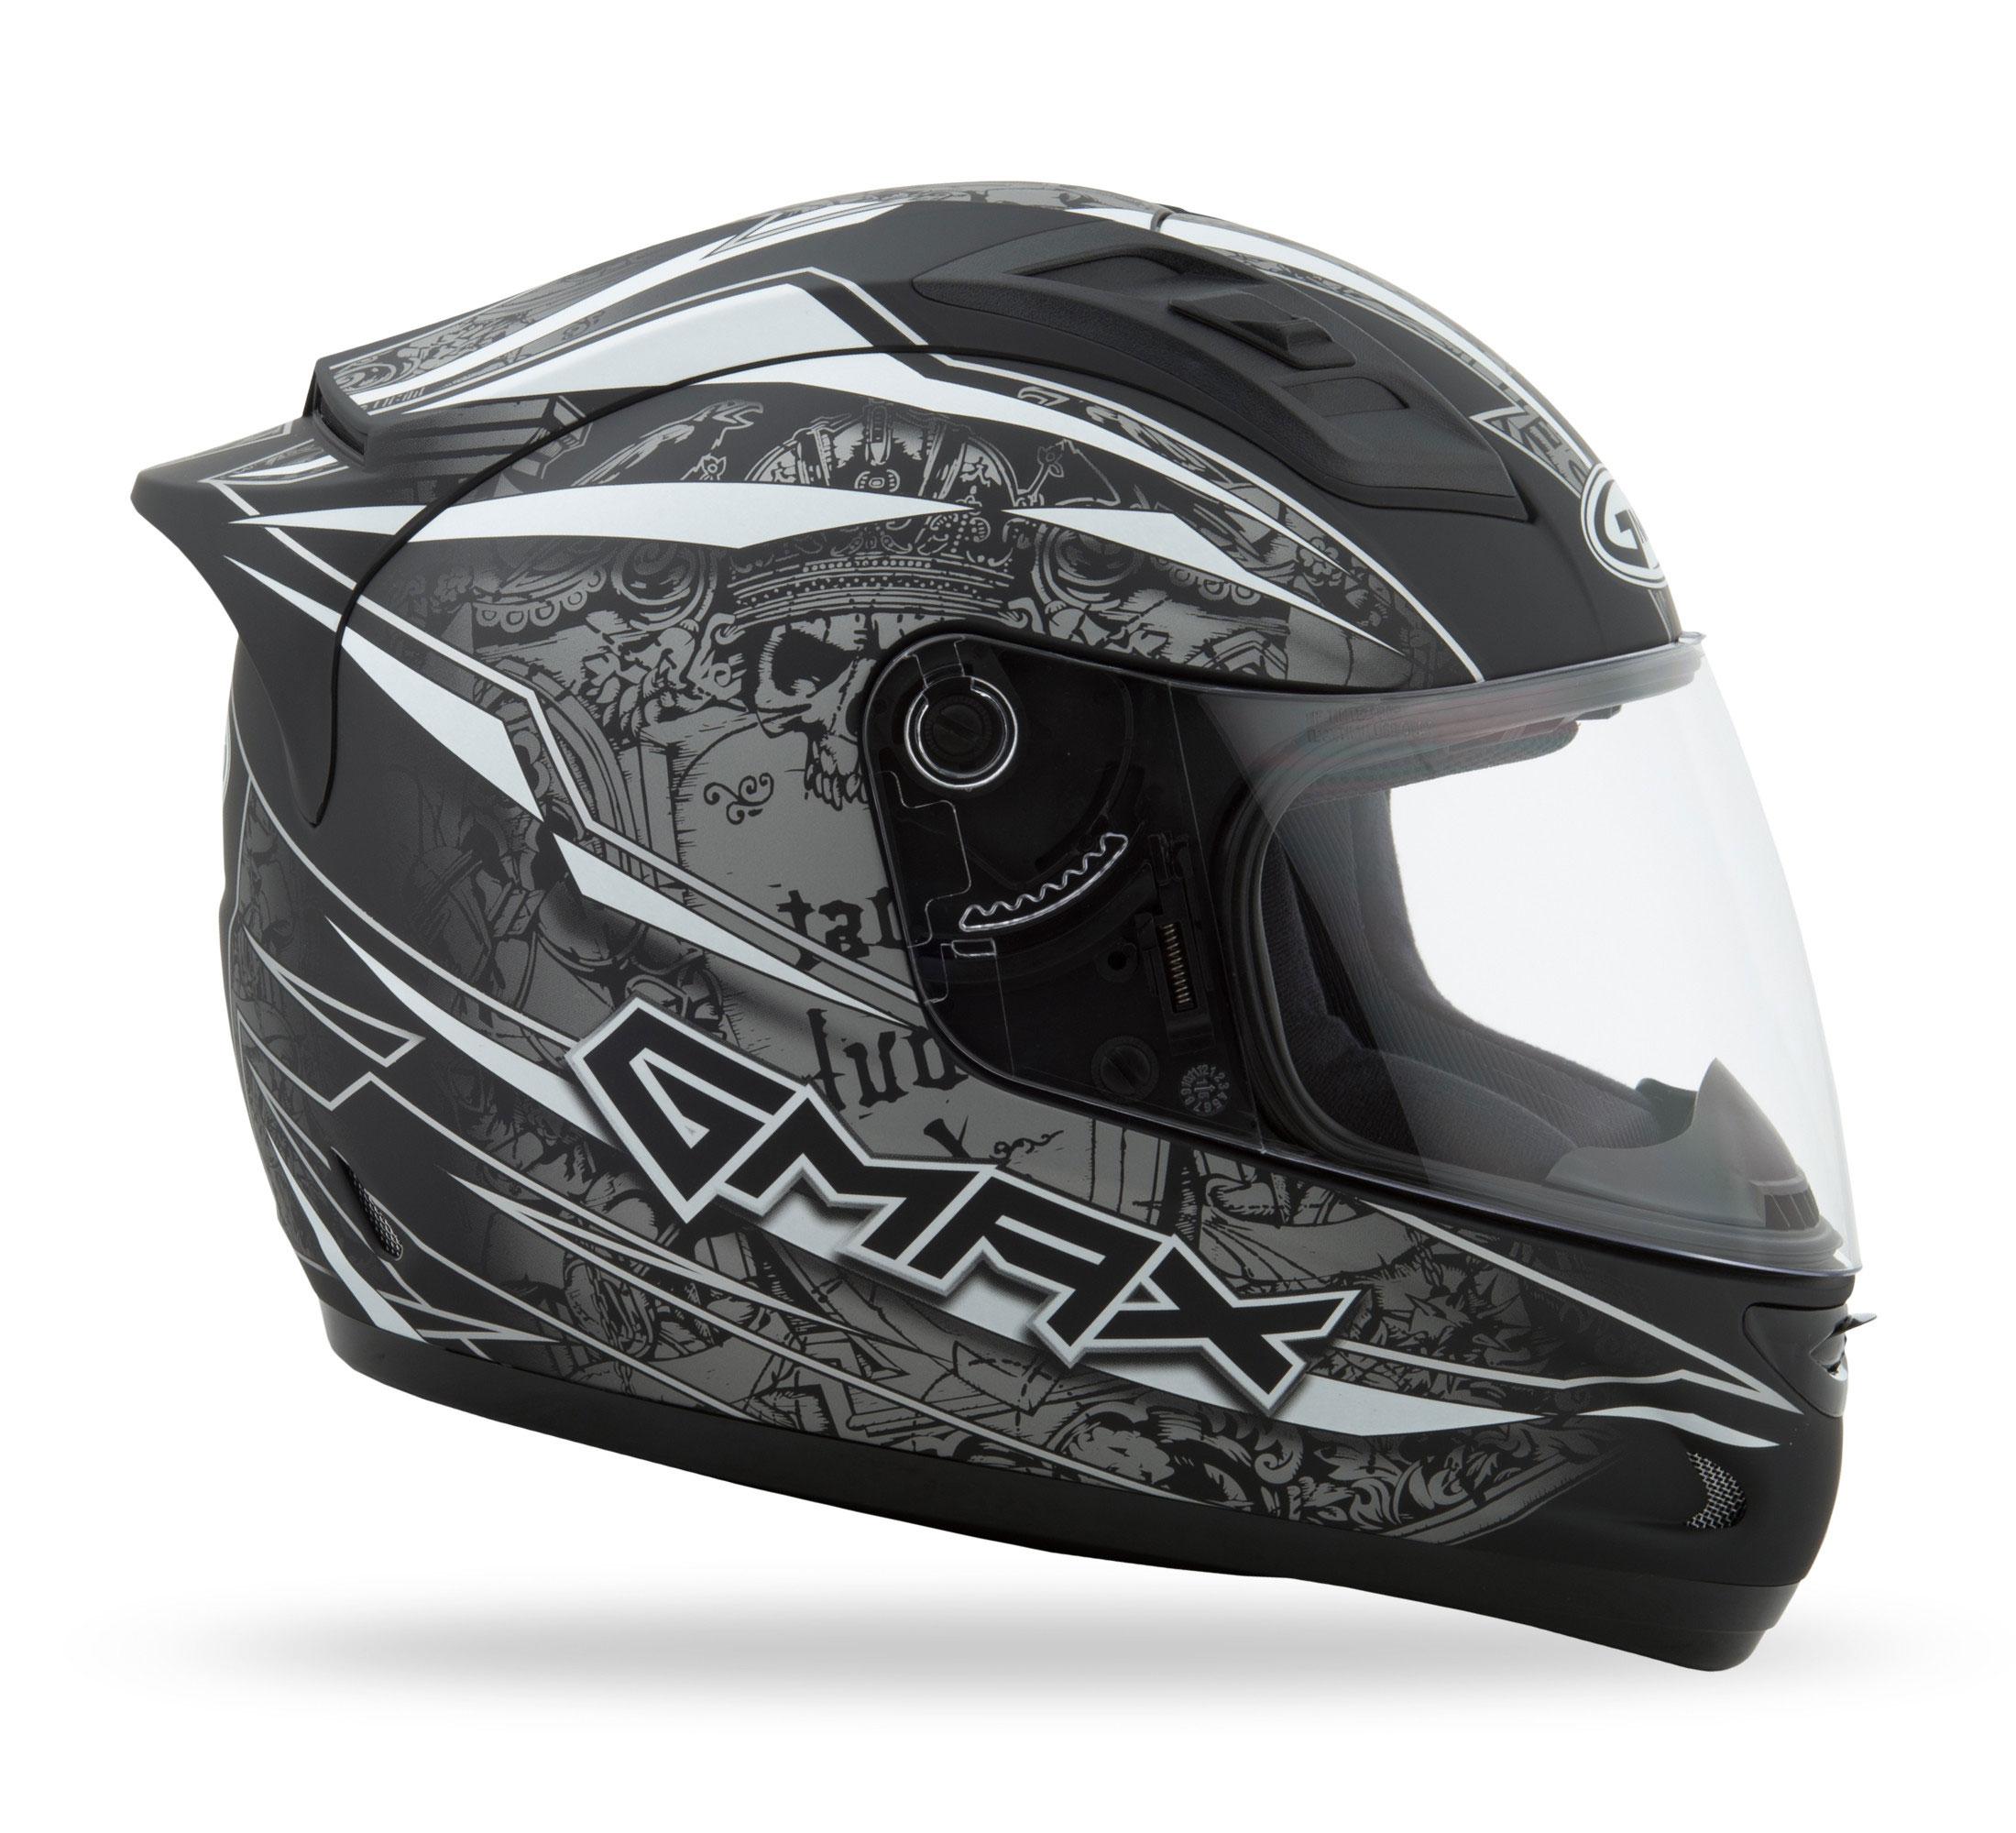 Helmets GMAX GM69 FULL FACE MAYHEM HELMET MATTE BLACK/SILVER/WHITE L